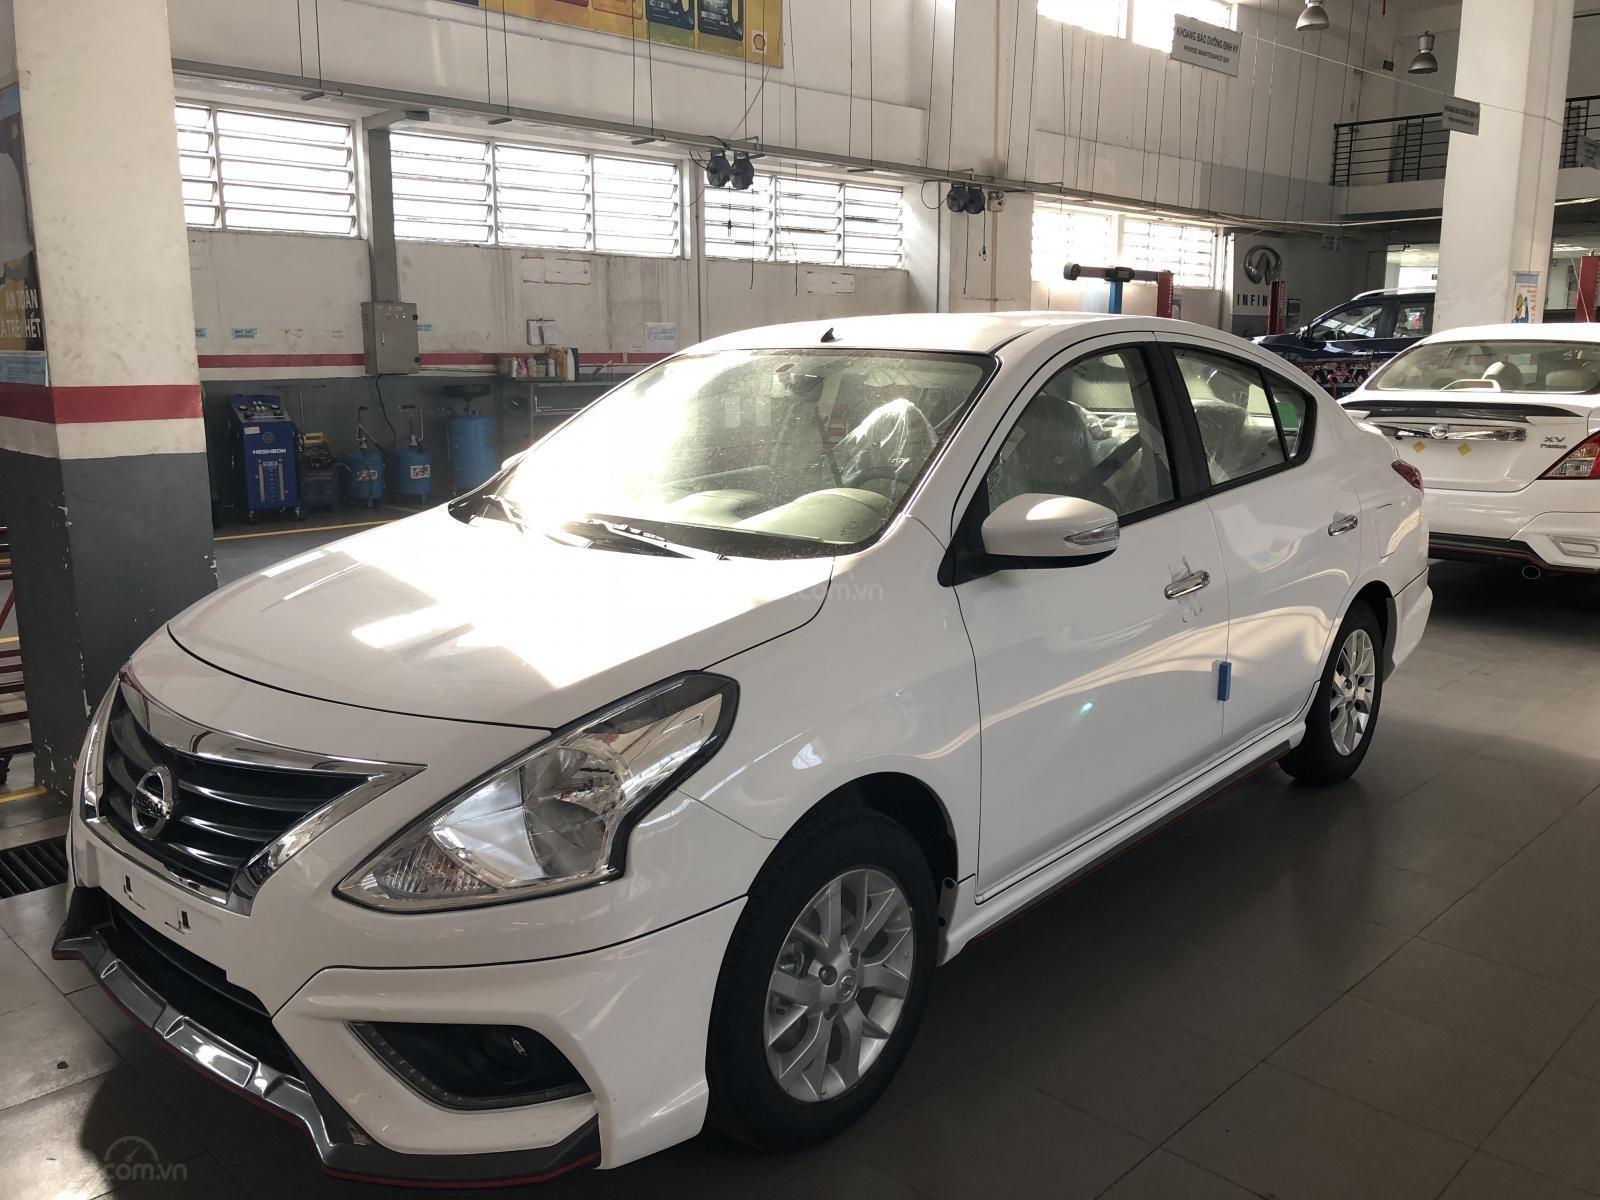 Cần bán xe Nissan Sunny XV-Q Premium sản xuất 2019, CTKM Khủng, giao xe ngay, LH 0938466812-1